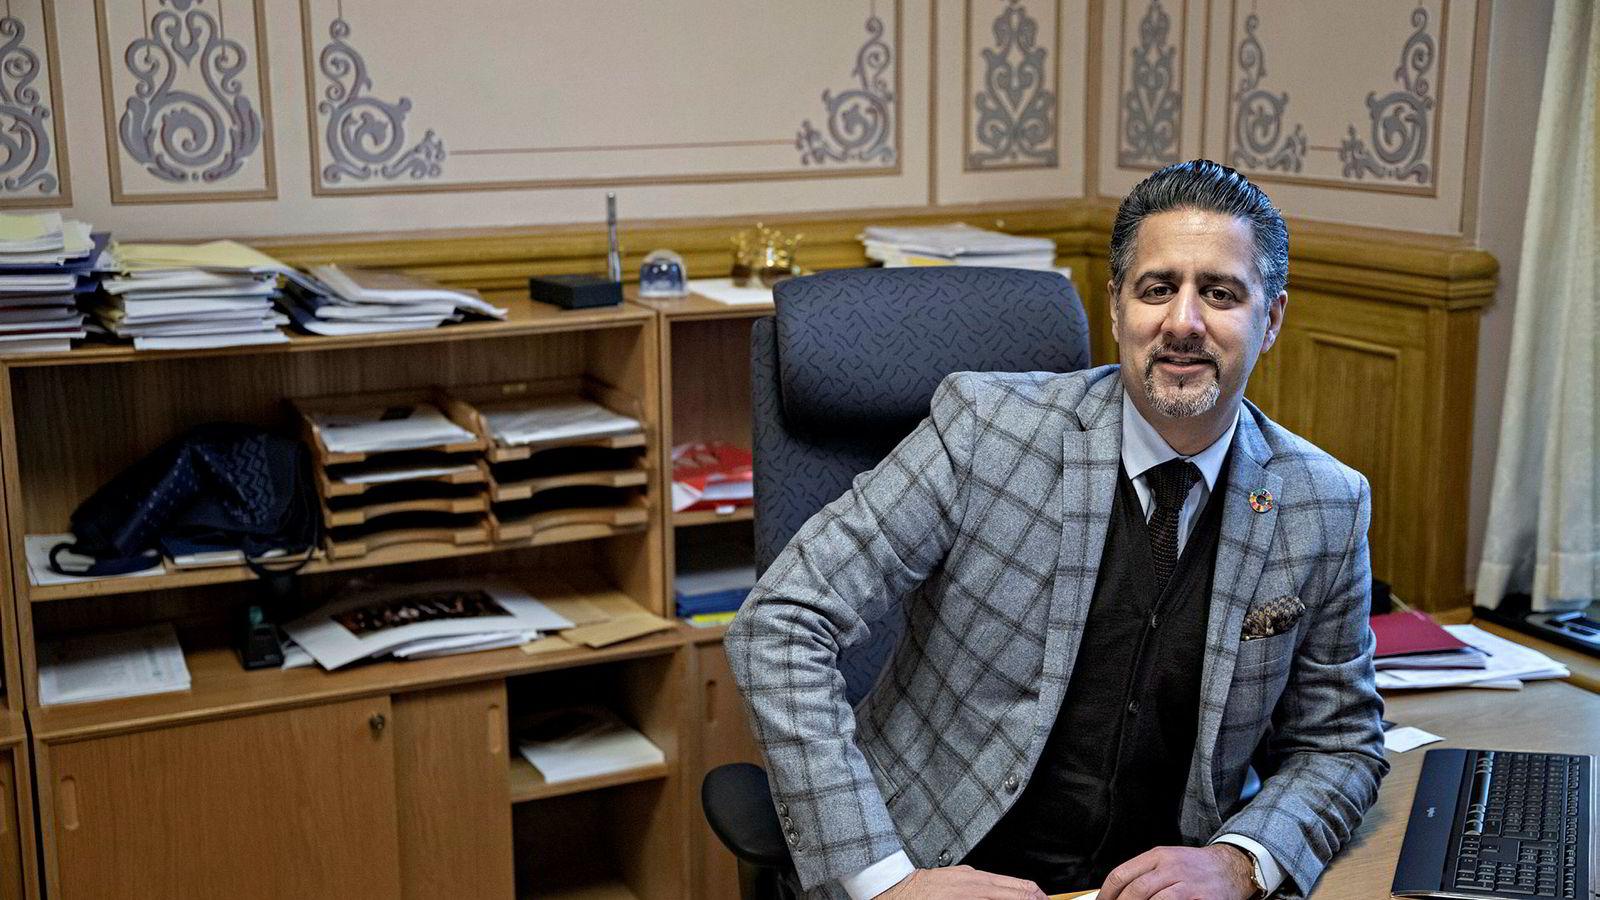 Venstres finanspolitiske talsperson, Abid Raja, avfeier at det eksisterer en bompengekrise i Norge.